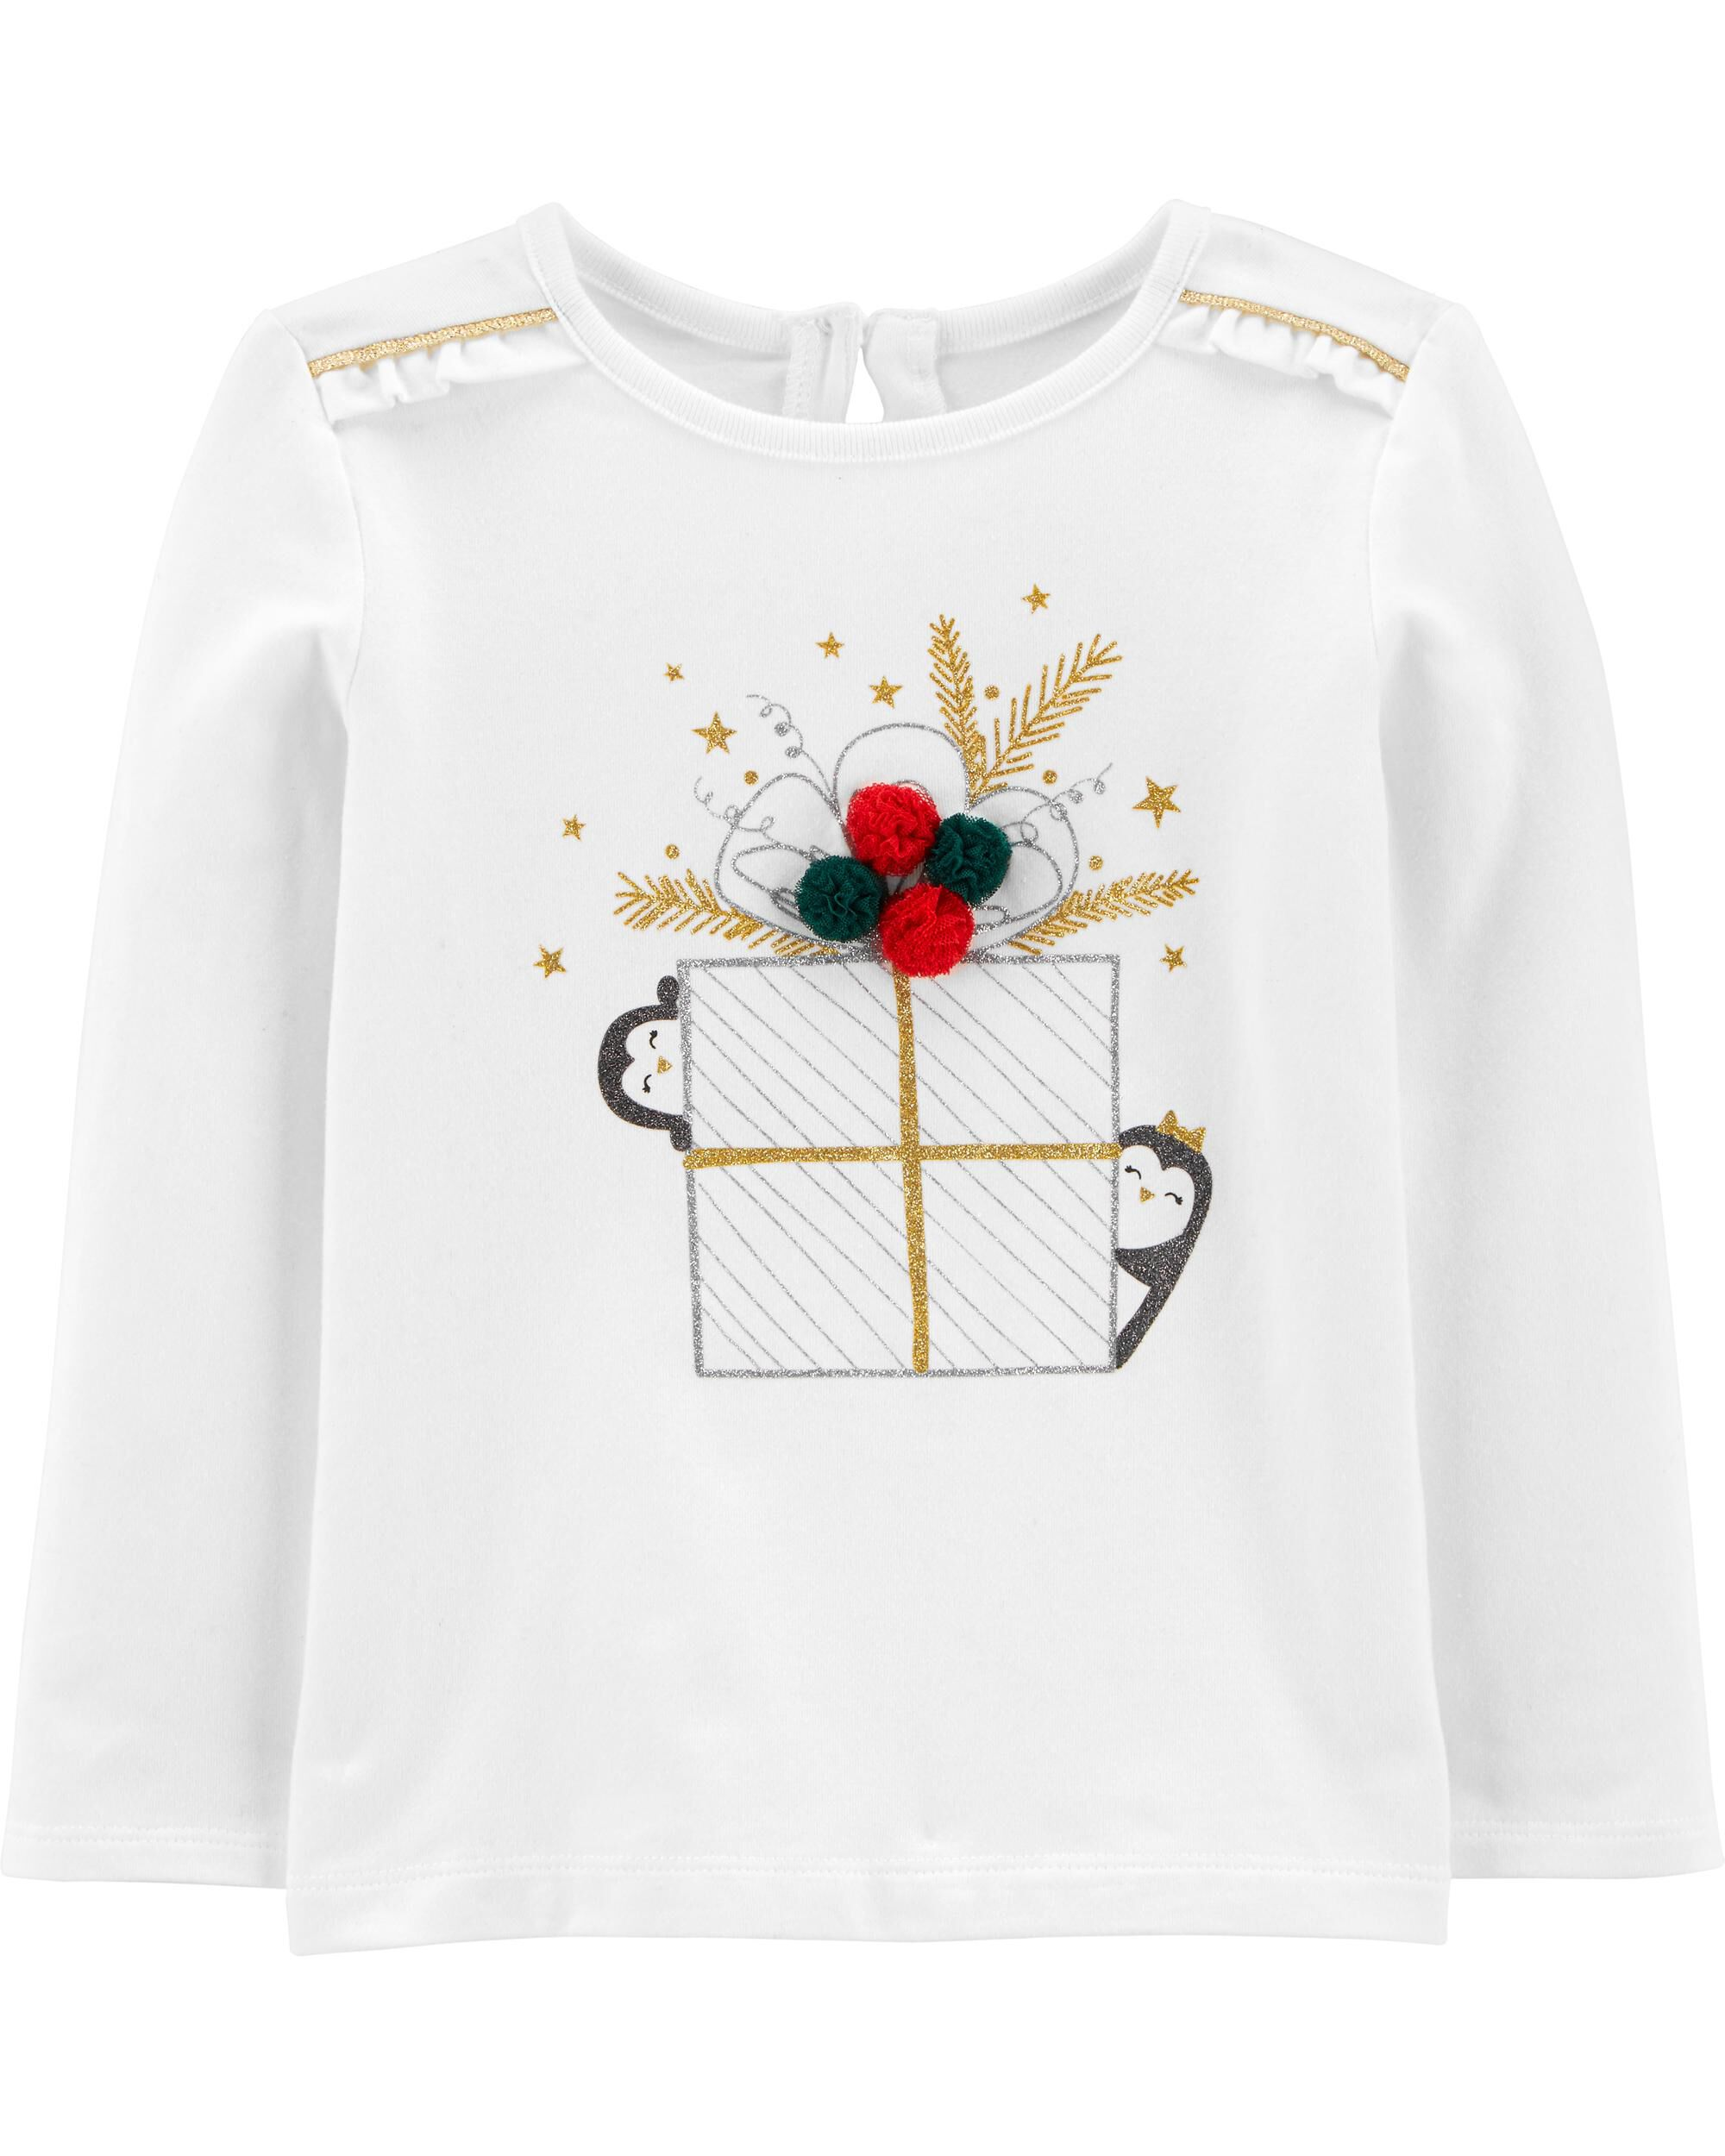 *DOORBUSTER*Christmas Jersey Tee